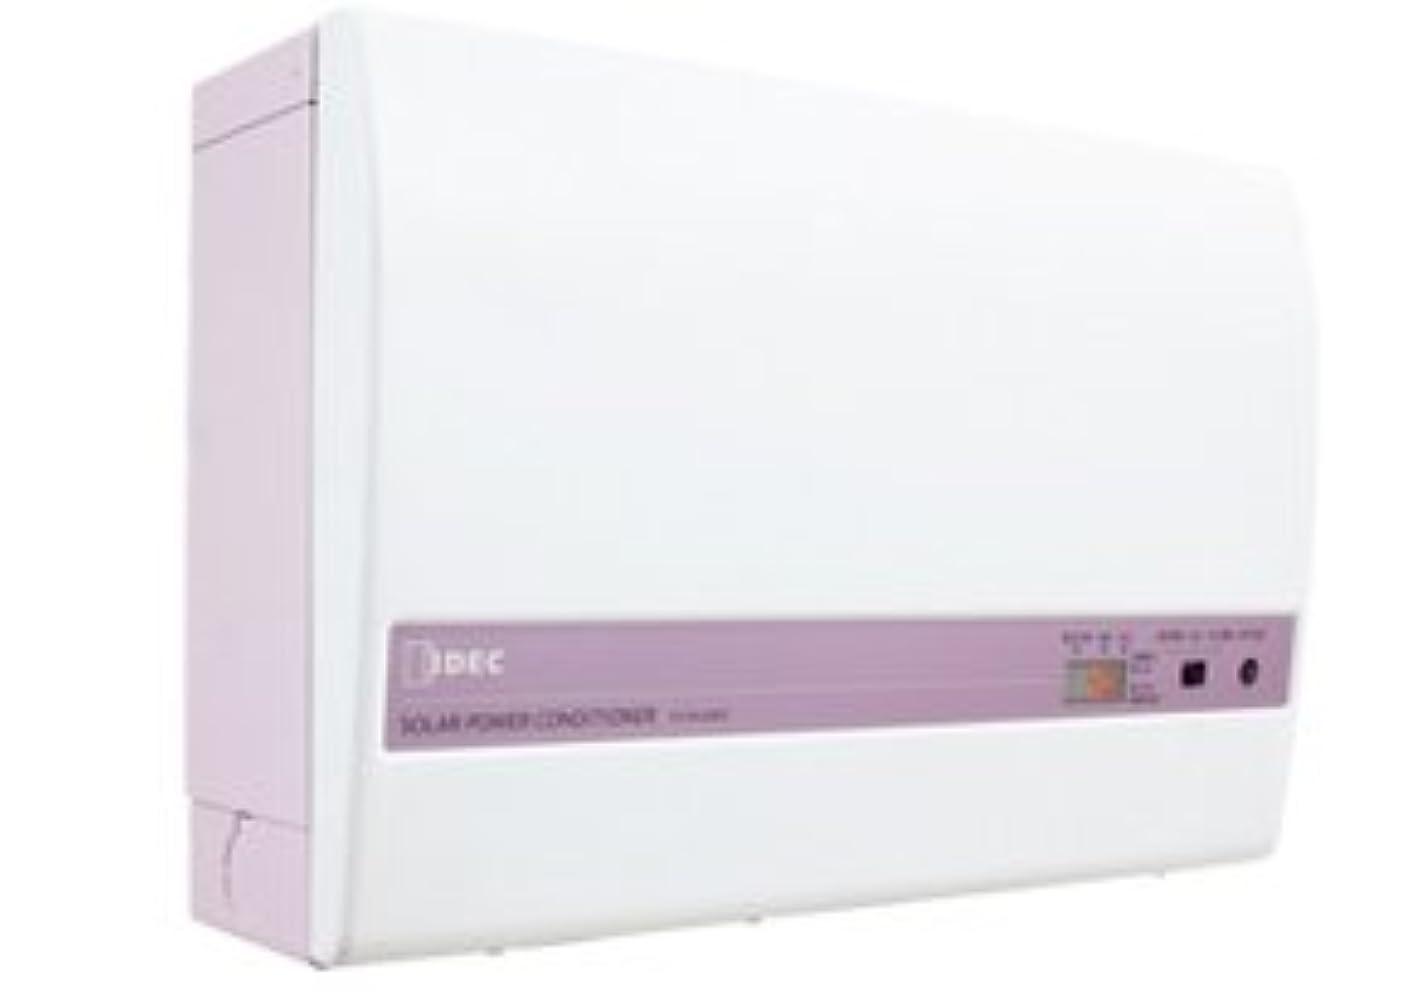 キャスト抑止するオアシス【GWSOLAR 太陽光パネル延長5M?蓄電池接続1.5M ケーブル、逆流防止ダイオード付きコネクター3点セット】ソーラーパネル延長ケーブル:長さ 5 M (線径2.5?)、MC4対応コネクター付き、屋外防水防紫外線 VDE認証付き ? バッテリ接続ケーブル:長さ 1.5M (線径2.5?)、10Aヒューズ付?MC4対応逆流防止ダイオード付きコネクター 1個?12vシステム 蓄電/キャンピングカー充電に最適。 (逆流防止 ケーブルセット 3点)